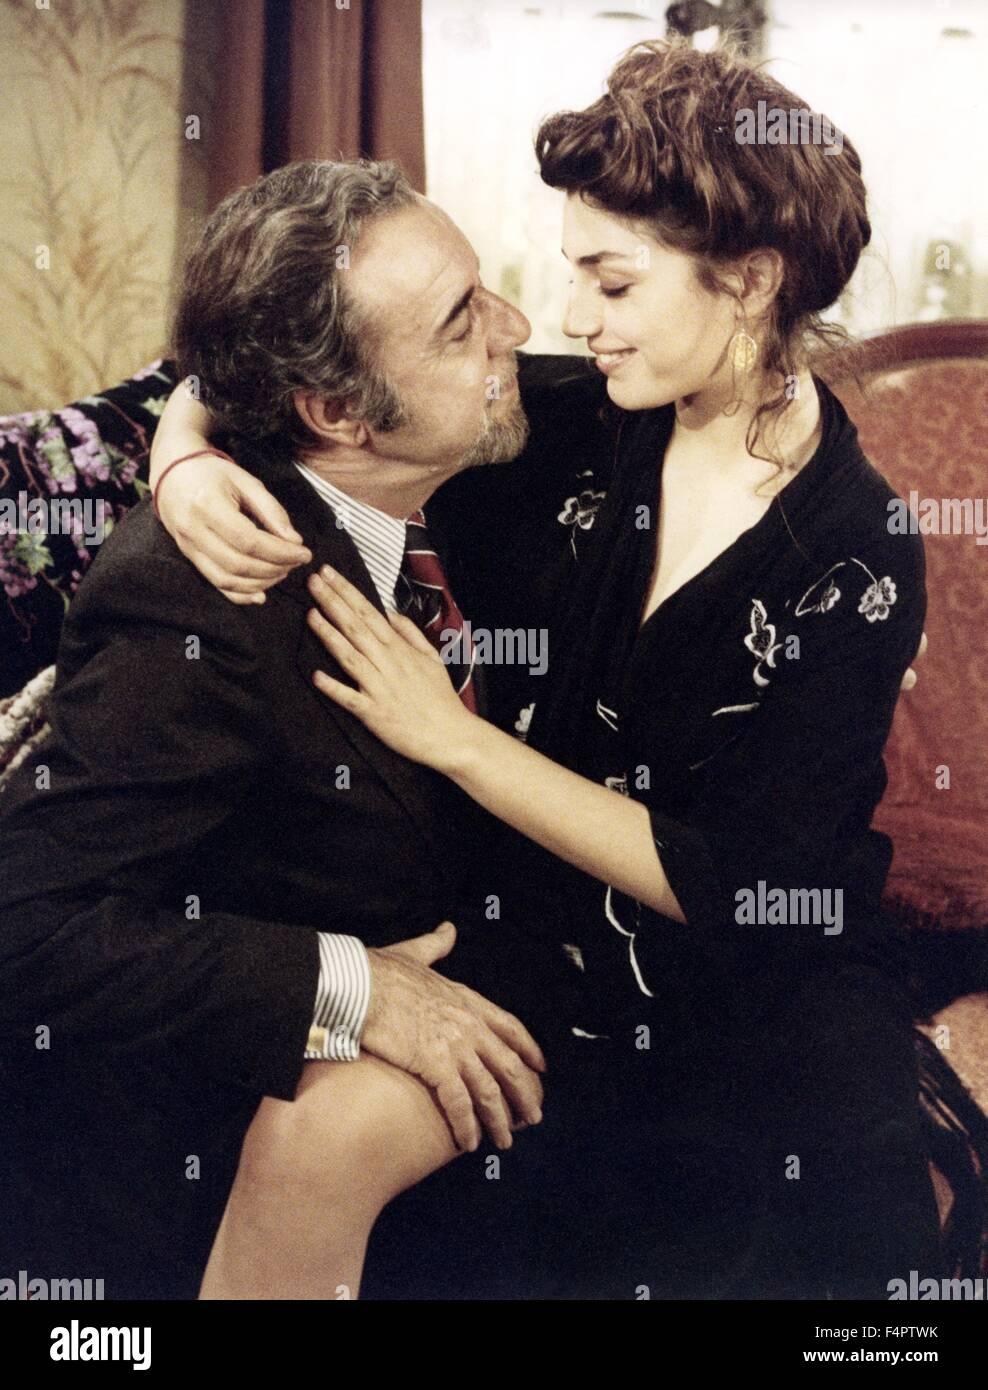 Fernando Rey und Angela Molina / dieses obskure Objekt der Begierde / 1977 unter der Regie von Luis Bunuel [Greenwich Stockfoto